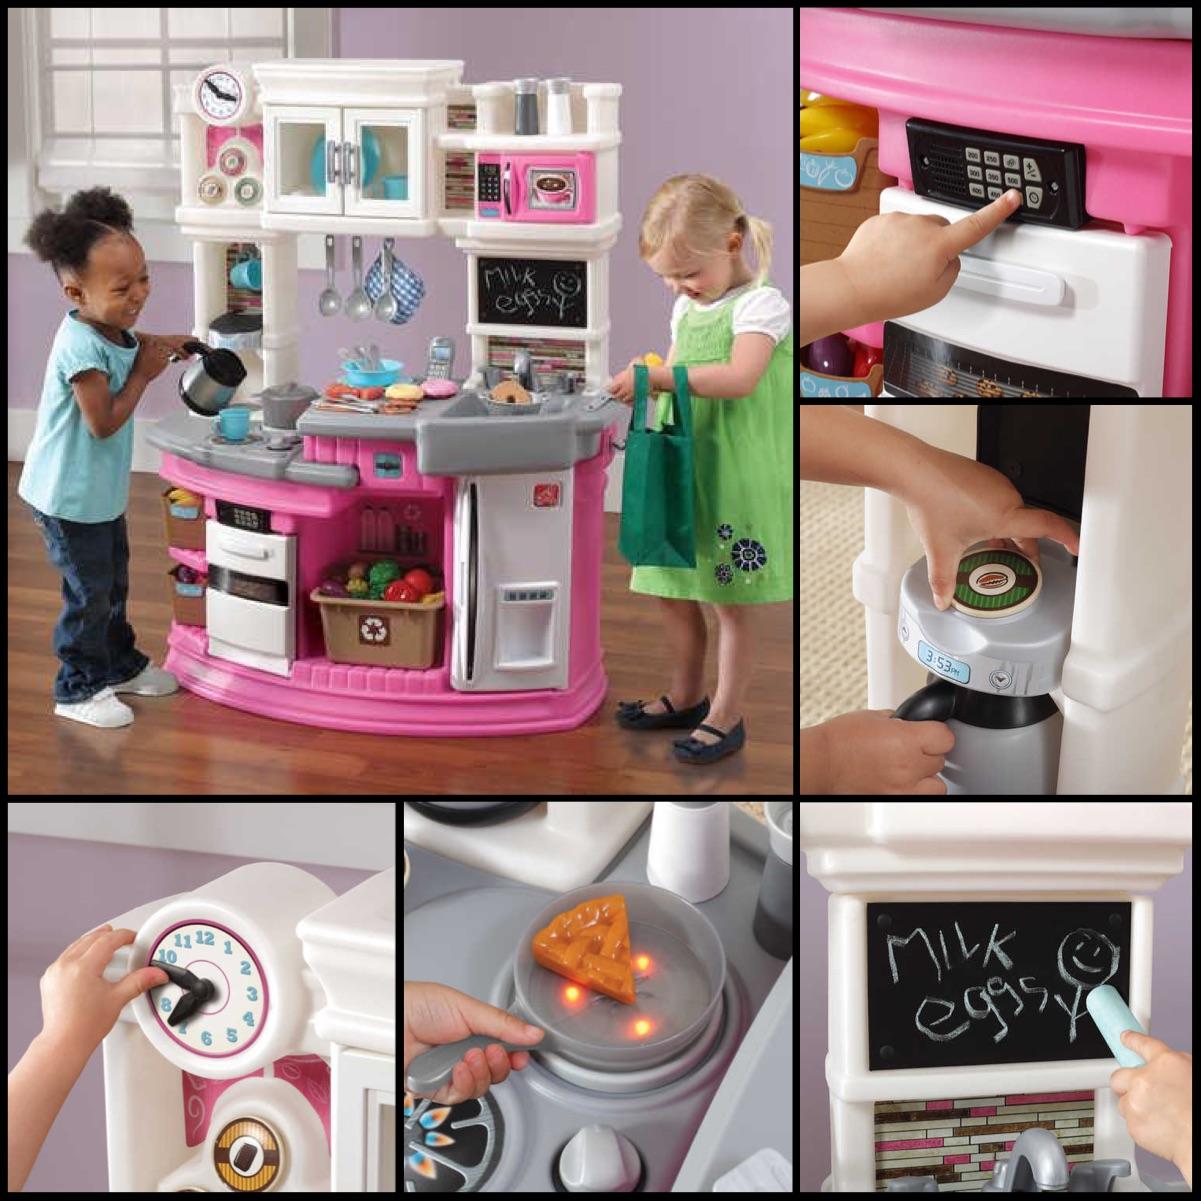 Hra s dětskou kuchyňkou je pro děti bezpečná. Nebudou se zkoušet realizovat v pravé kuchyni, kde na ně číhá řada nebezpečí.